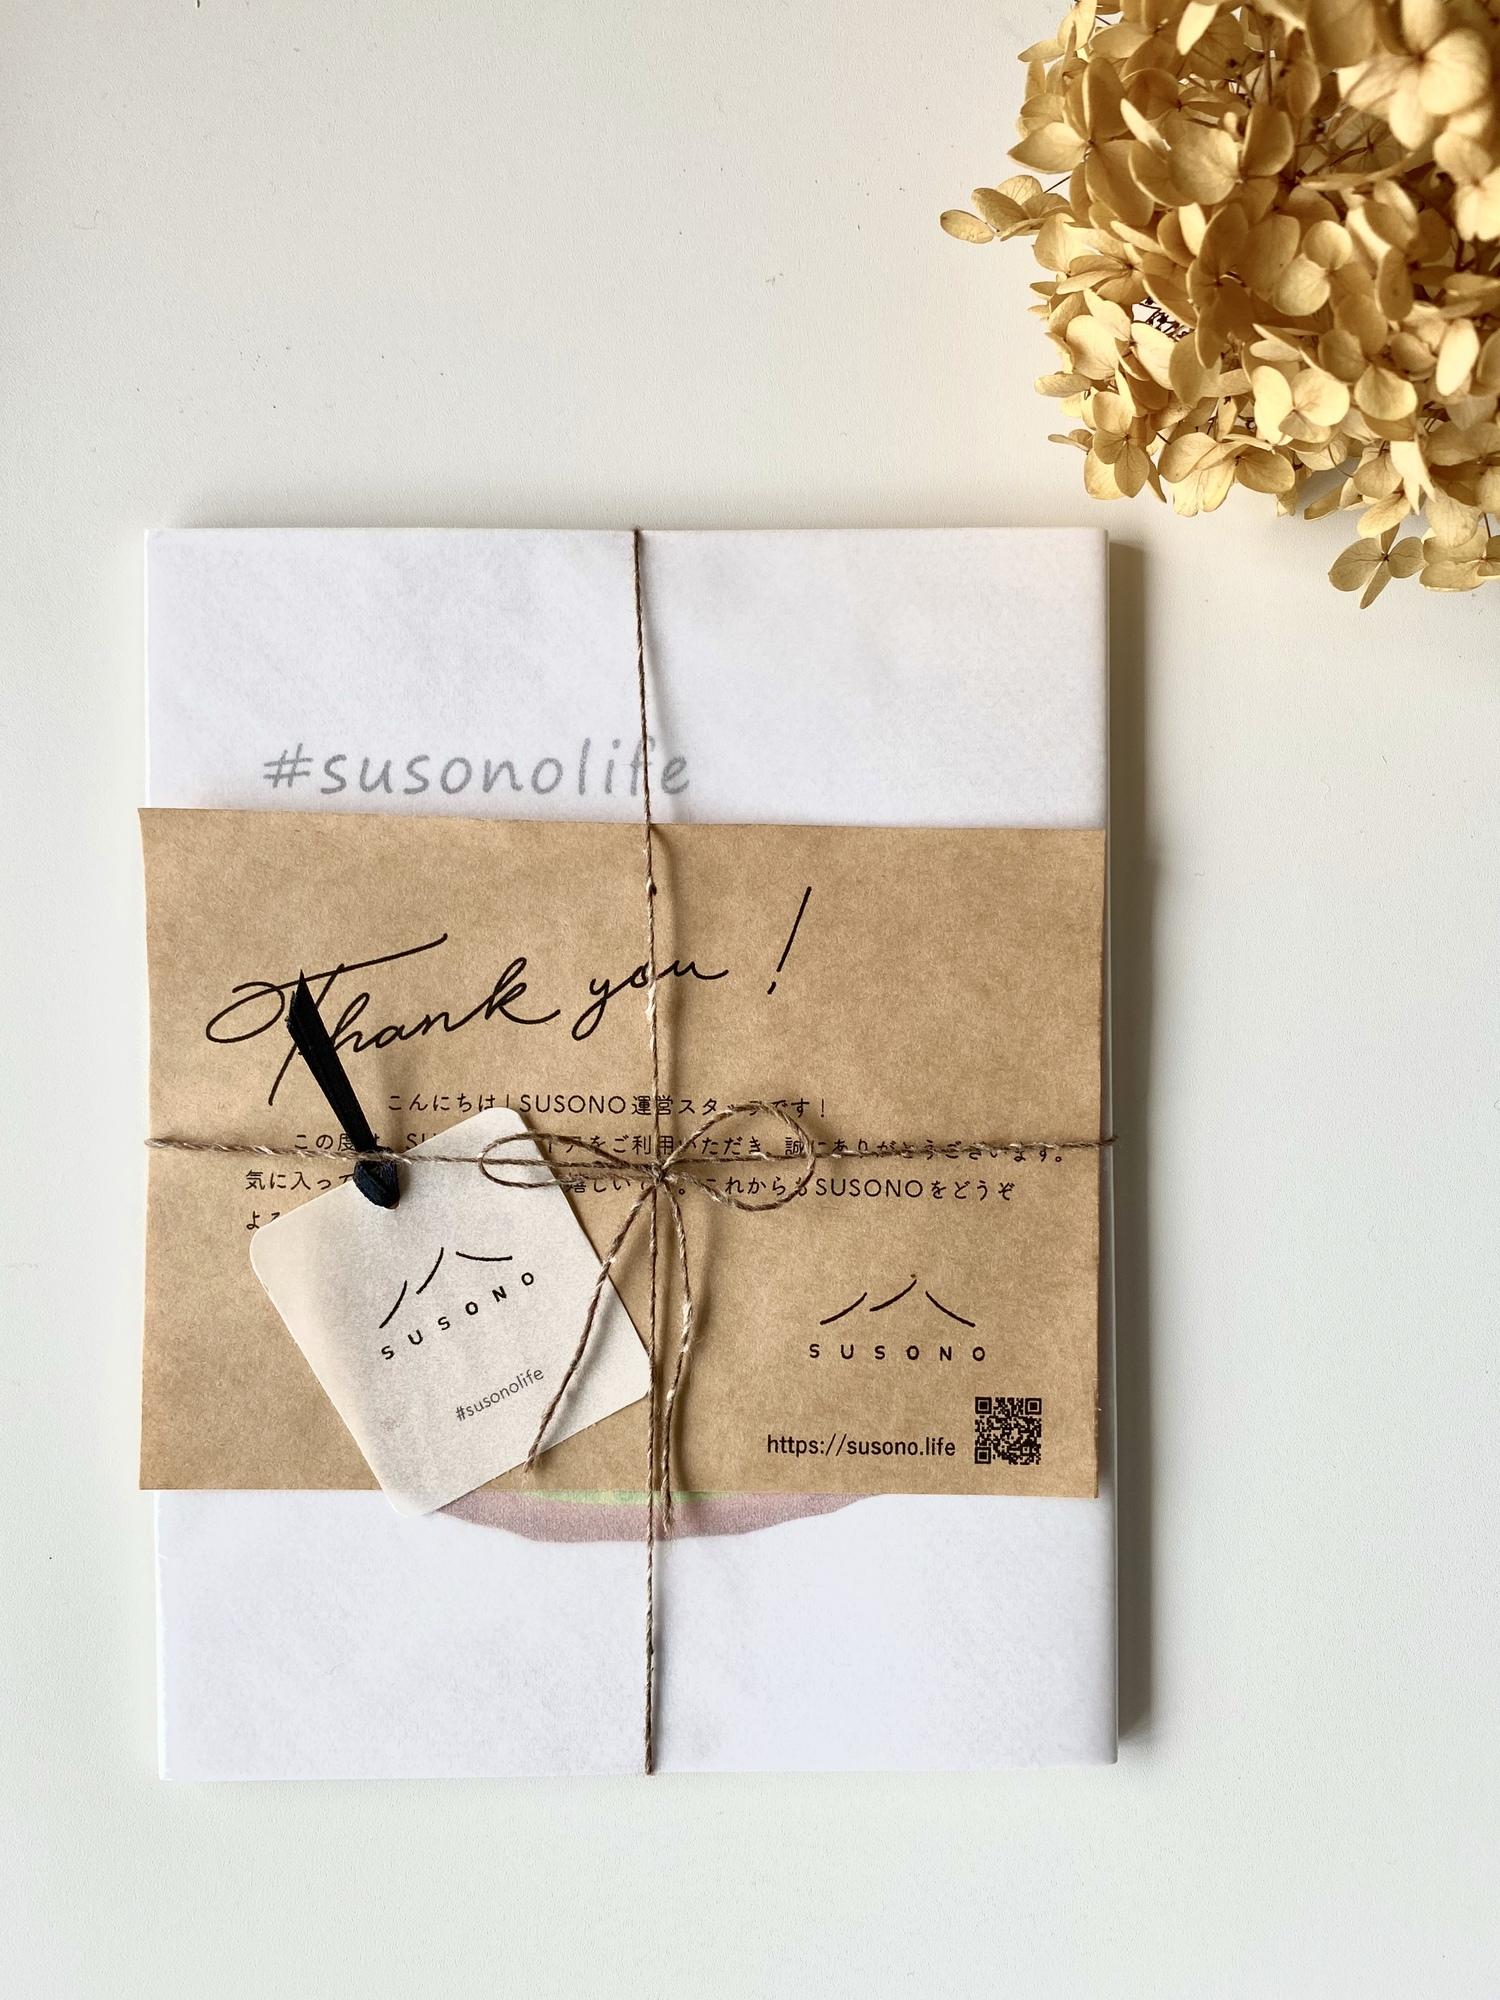 このような梱包でお送りしています!小さなしおりがつくのはSUSONO